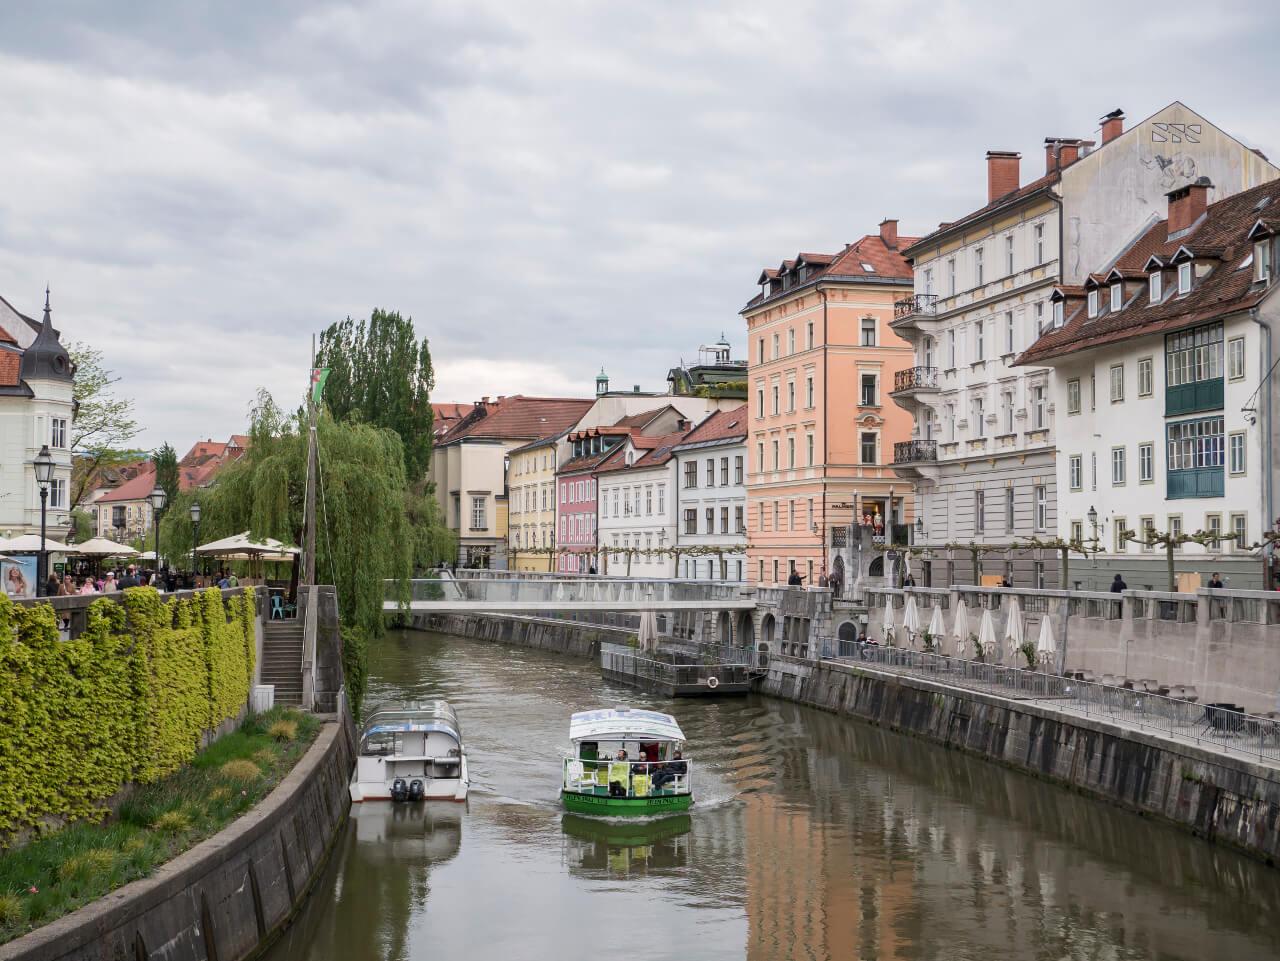 Co warto zobaczyć w Słowenii - Rzeka Ljulbjanica i łódki w Lublanie